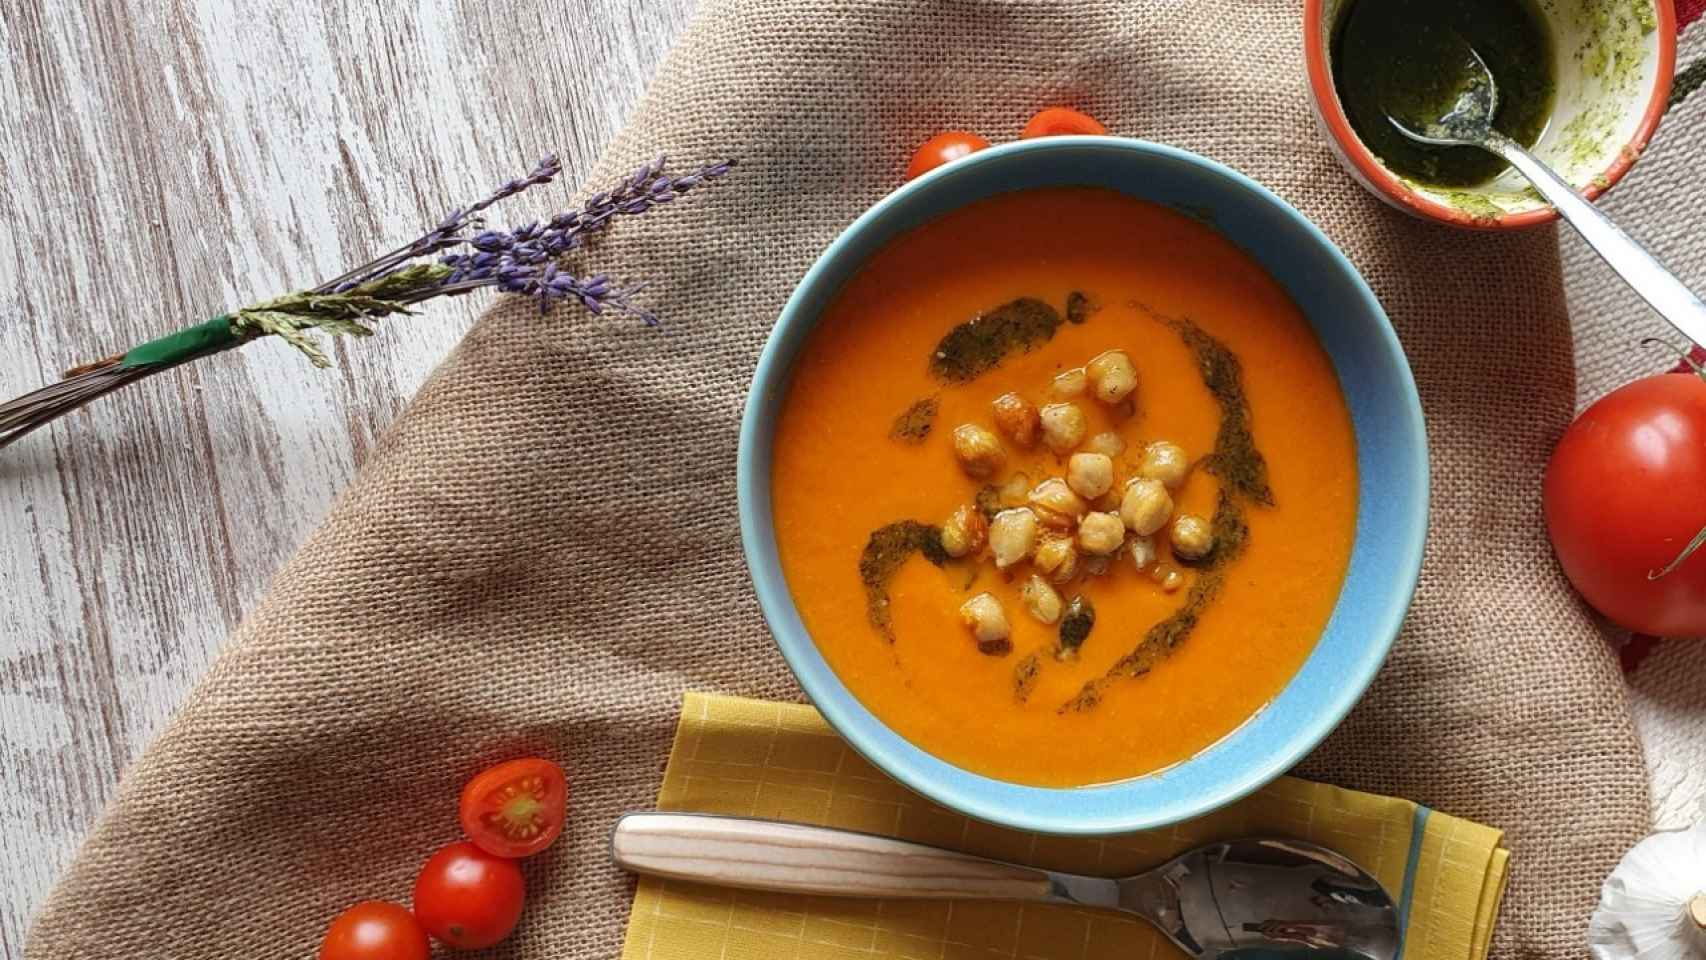 Sopa de tomate, garbanzos tostados y pesto de avellanas